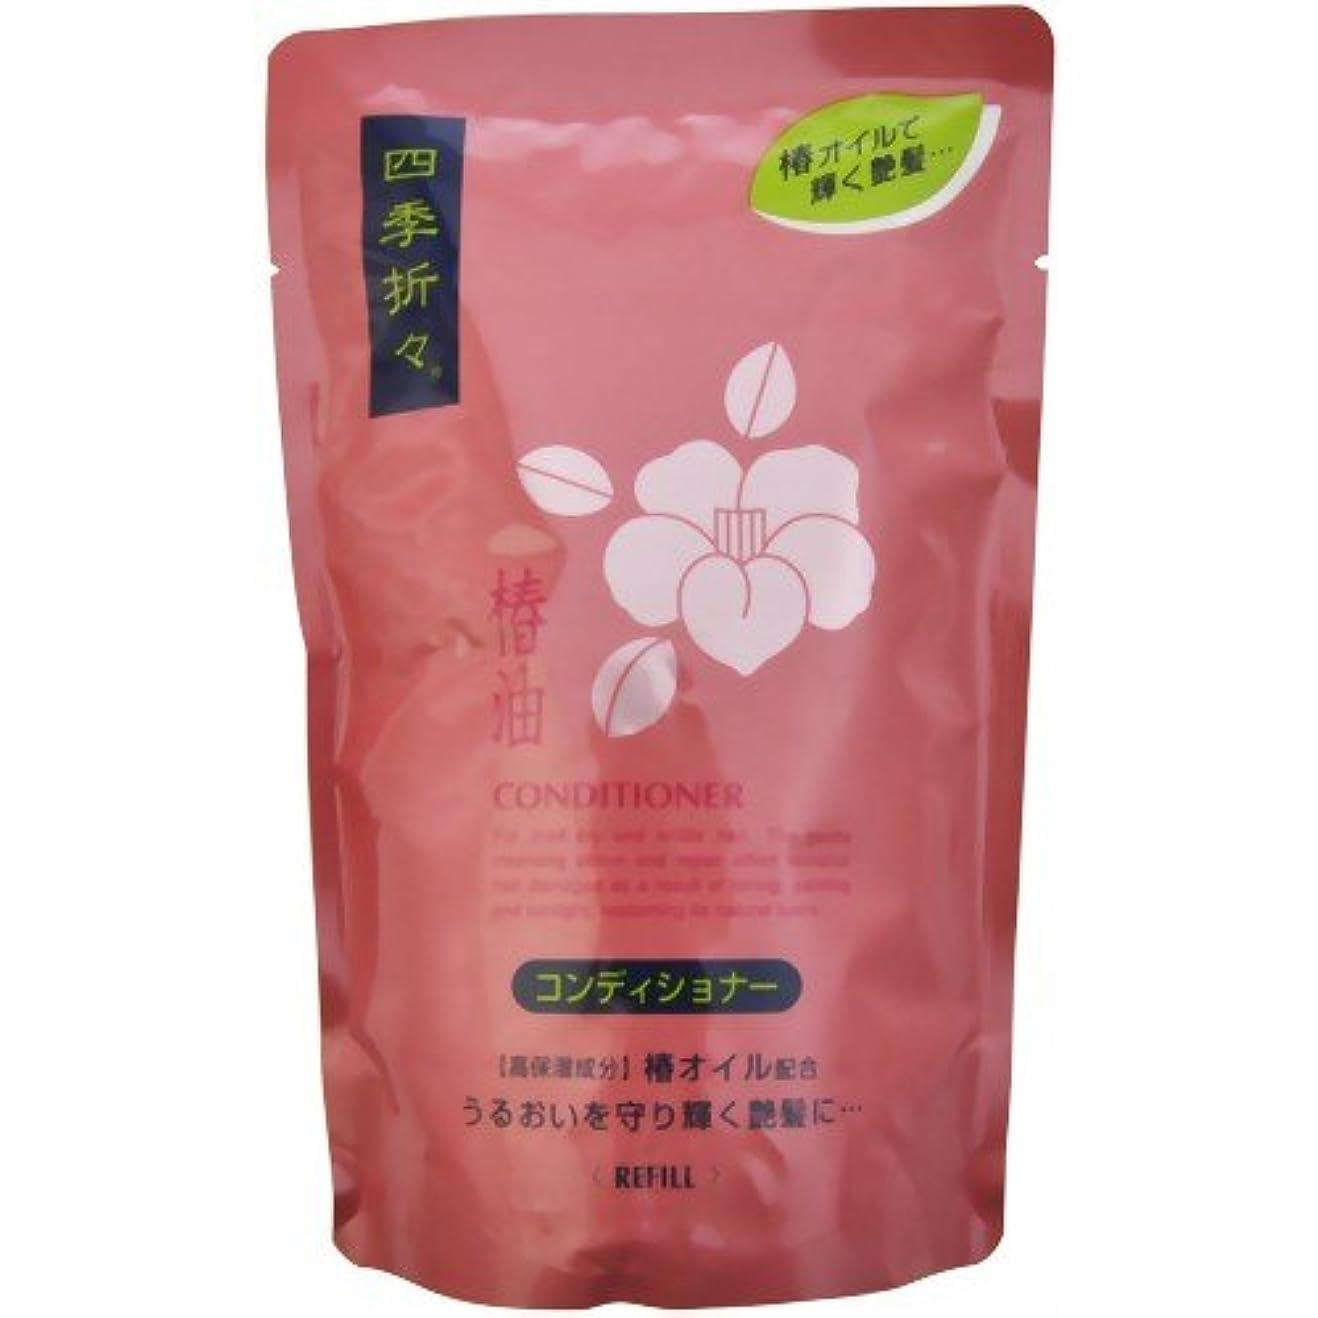 エリートテラスシダ熊野油脂 四季折々 椿油コンディショナー 詰替用 450ml